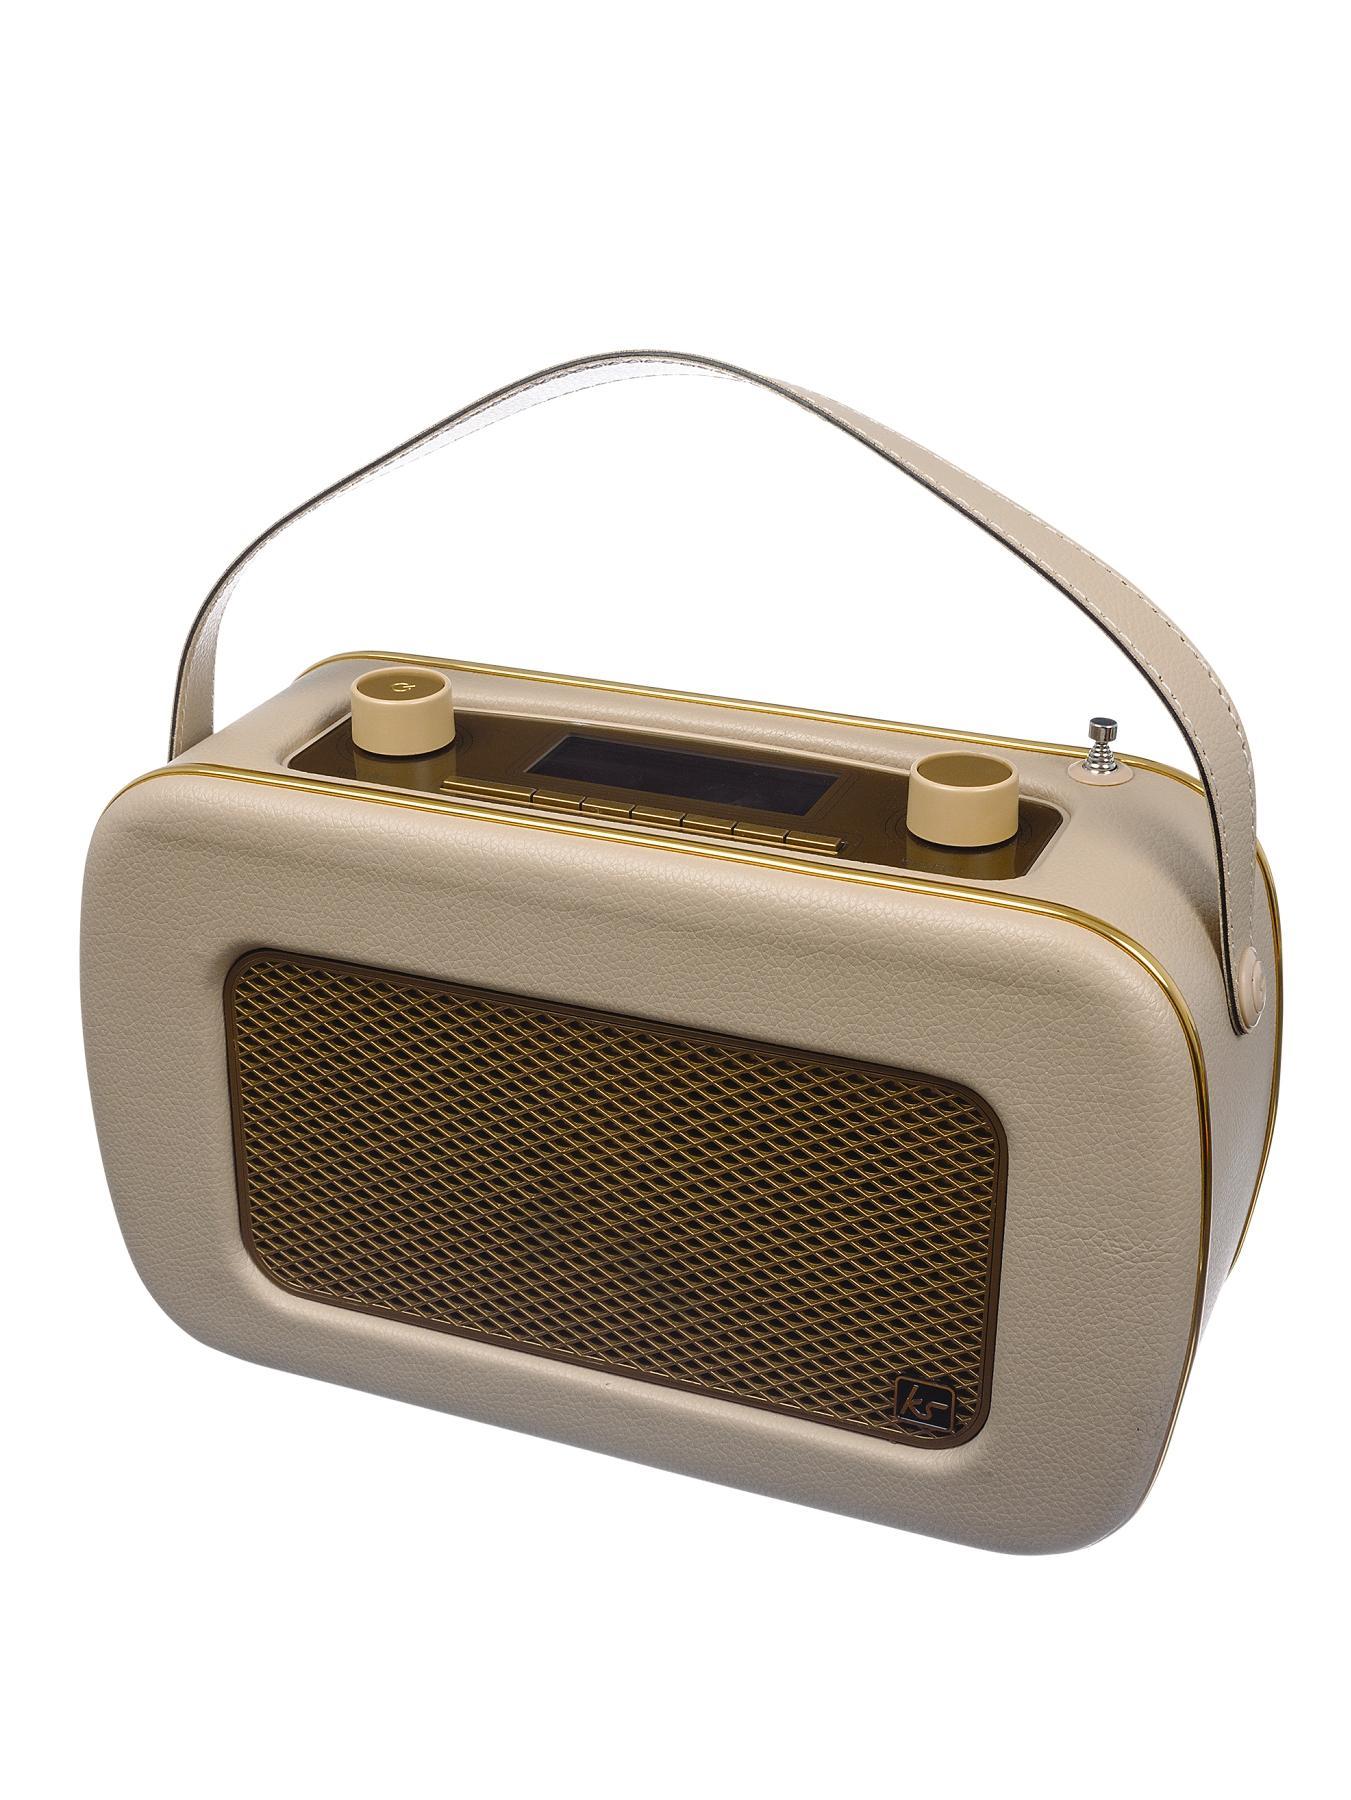 Jive DAB Radio - Cream